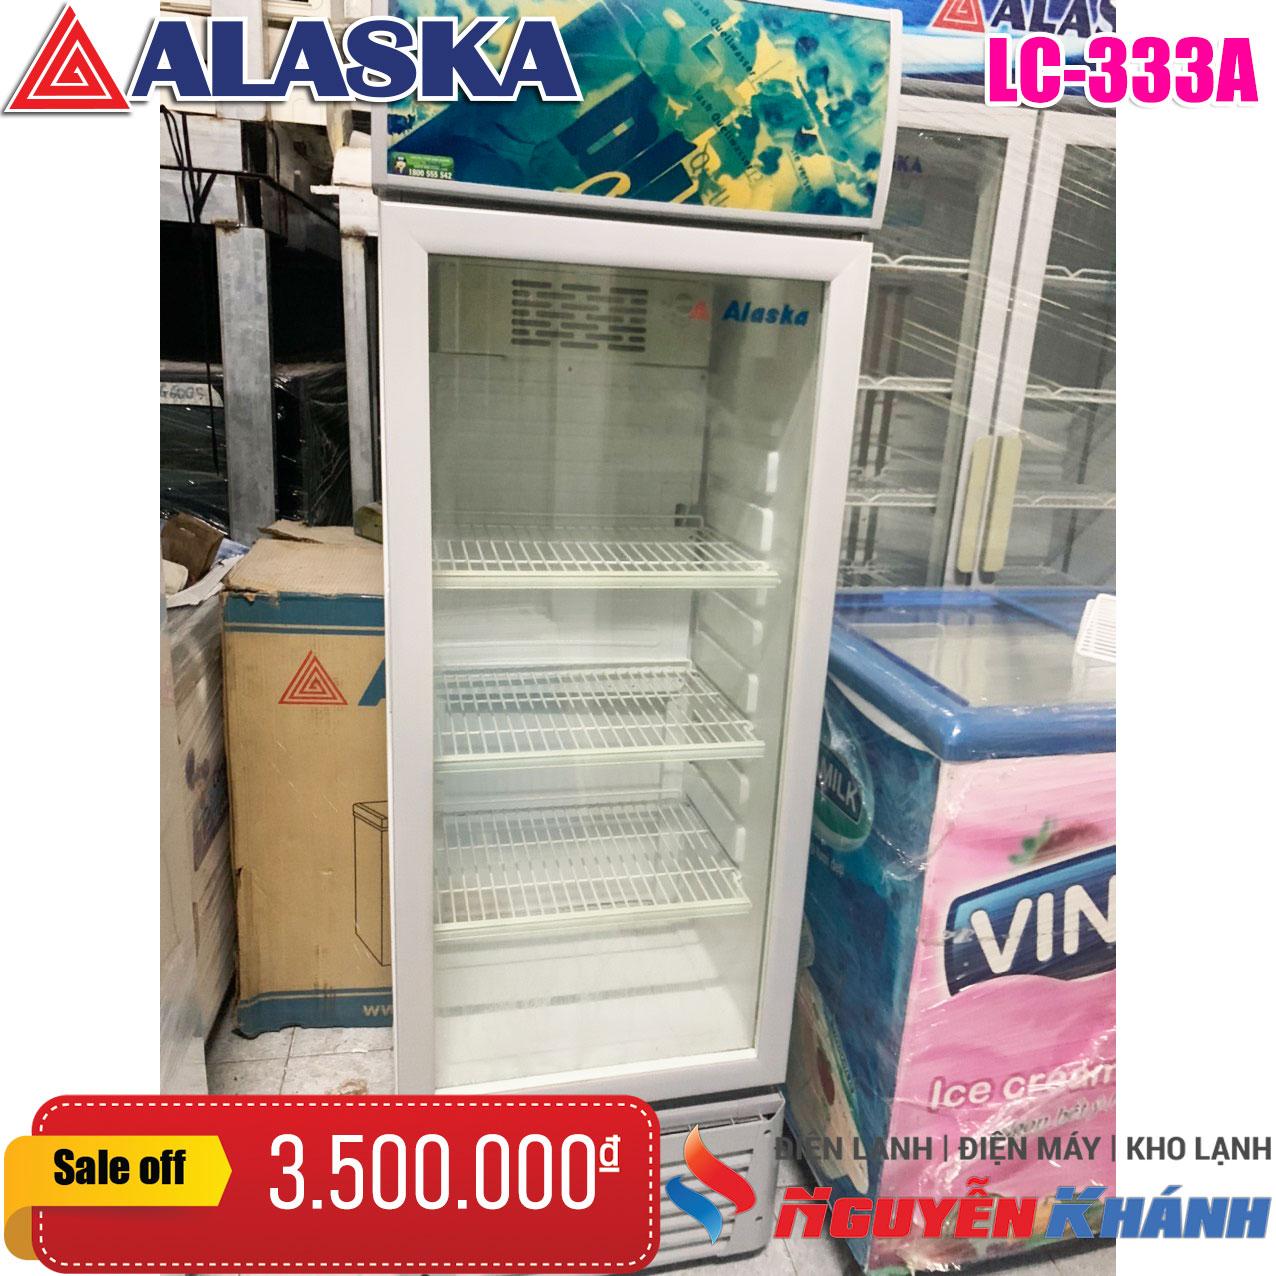 Tủ mát Alaska LC-333A 230 lít